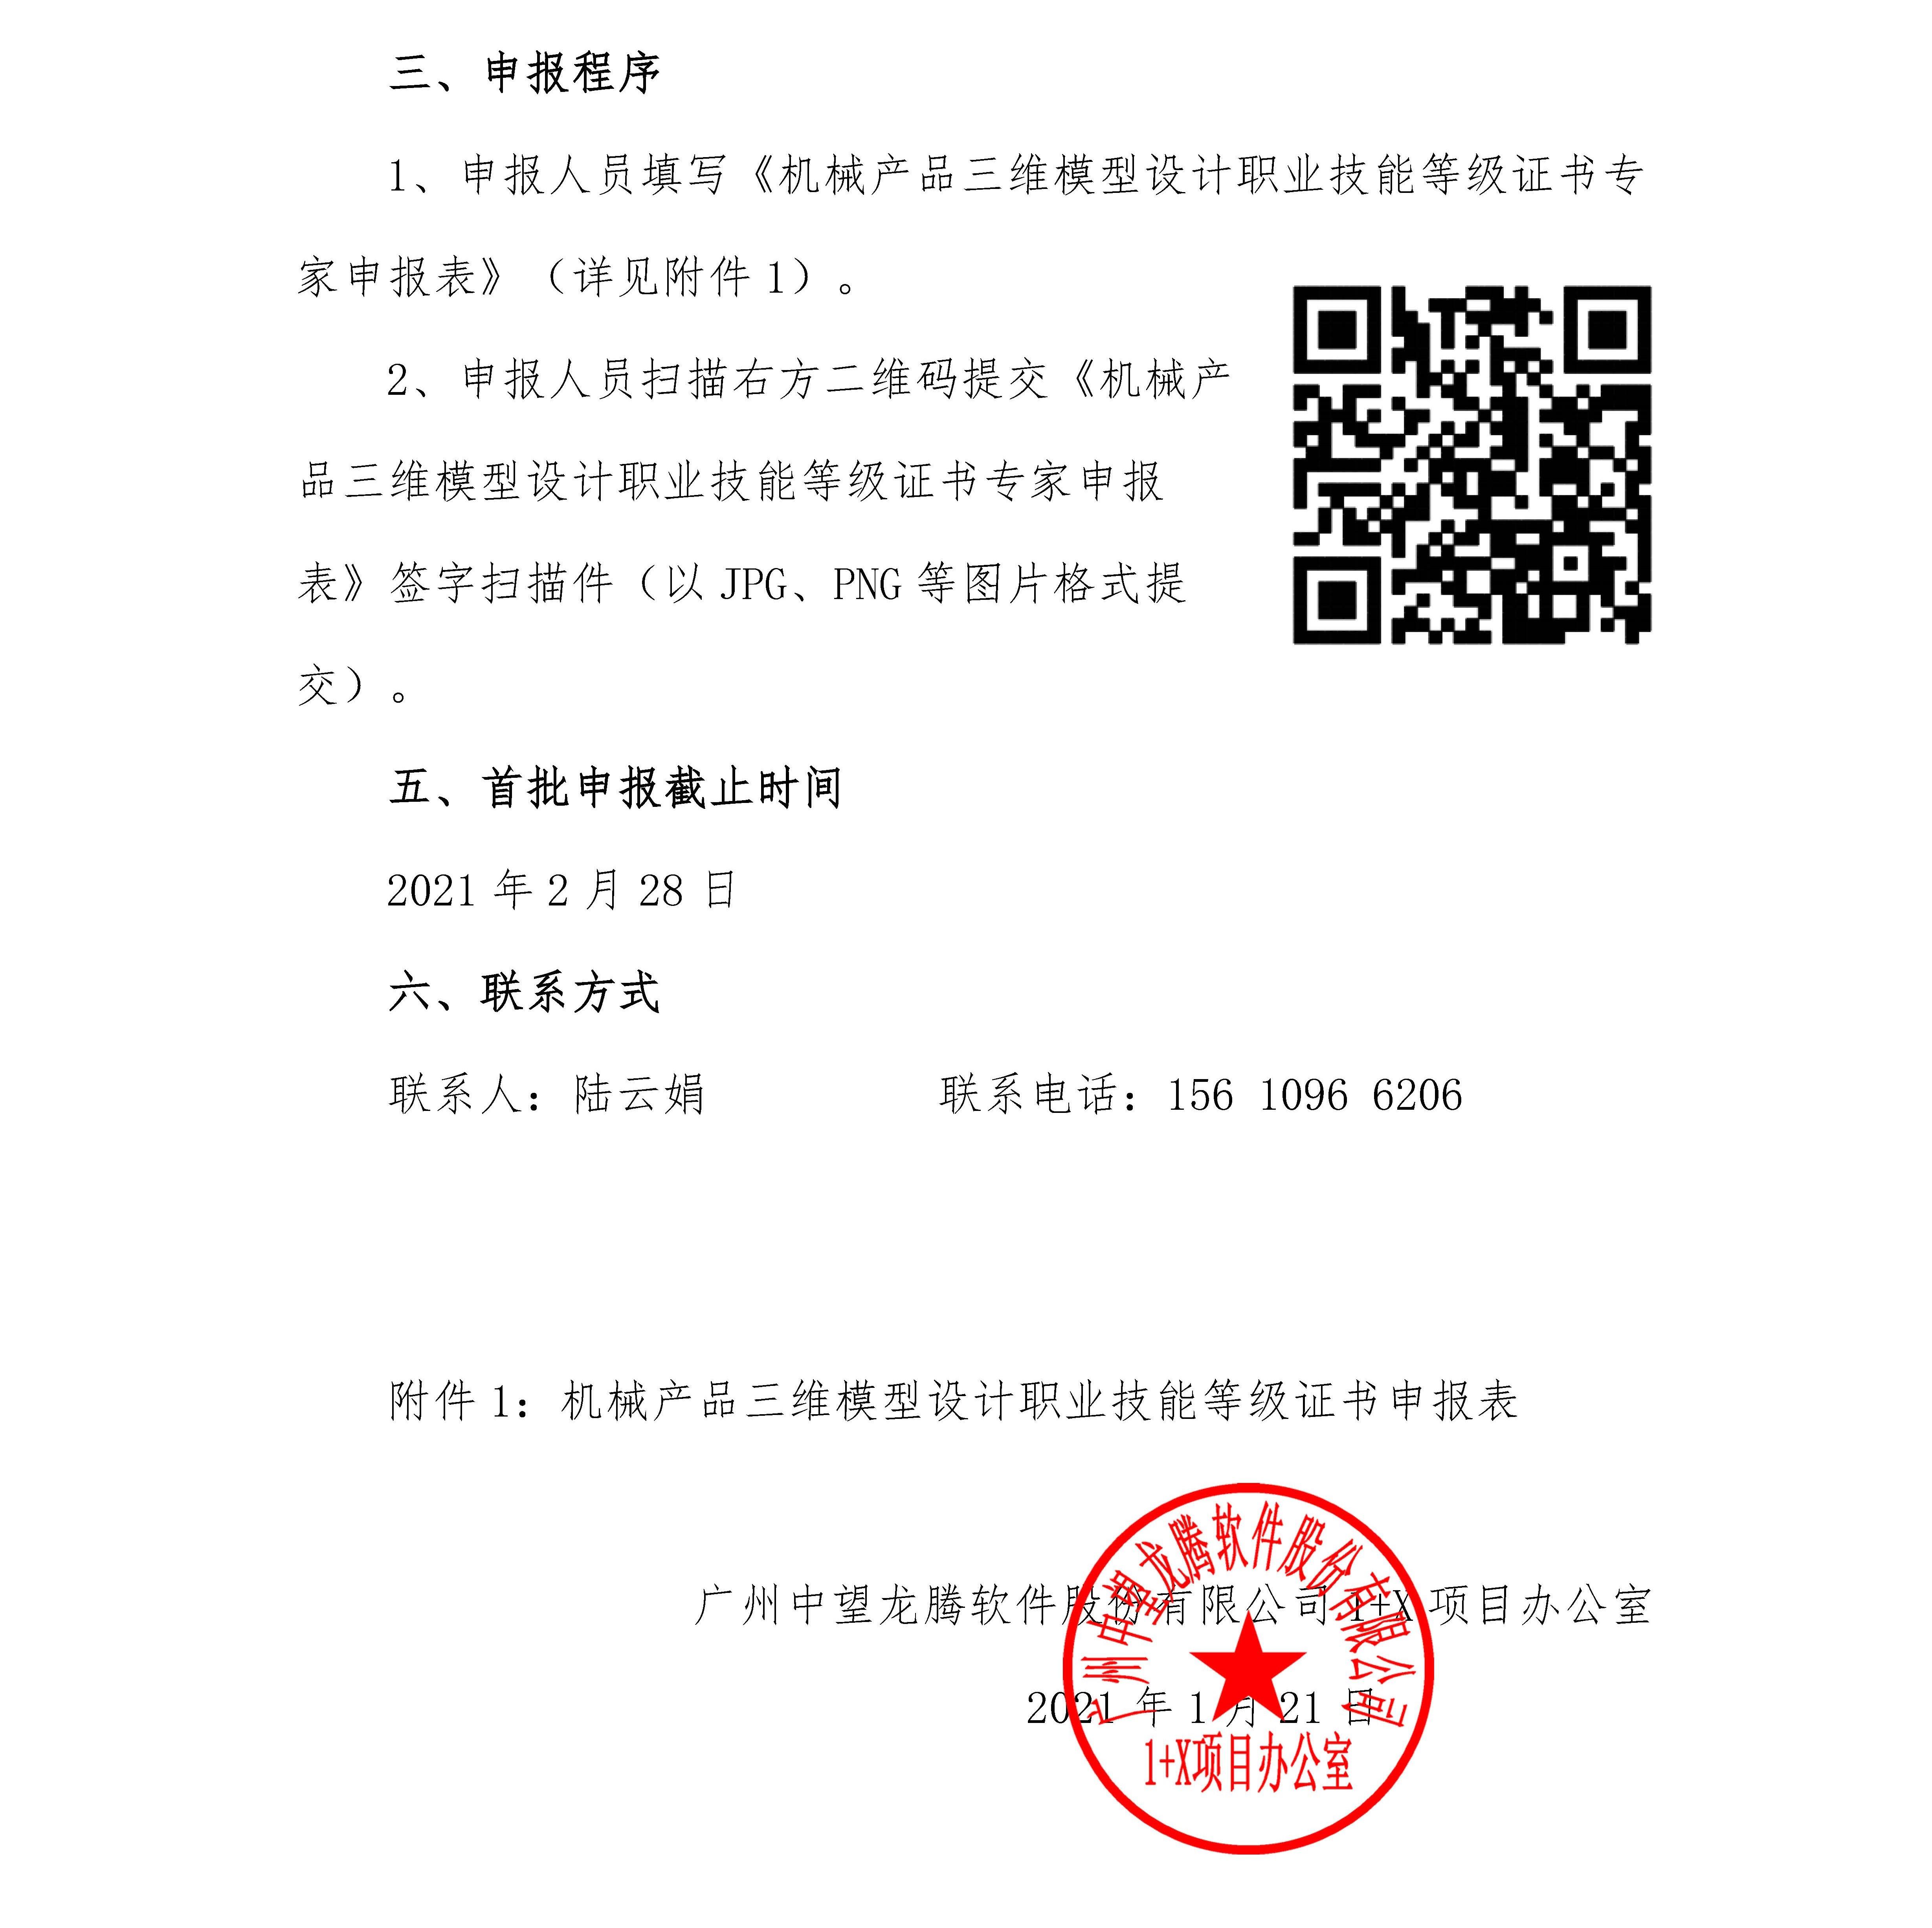 关于公开招募机械产品三维模型设计职业技能等级证书专家委员会首批专家的公告_页面_3.jpg